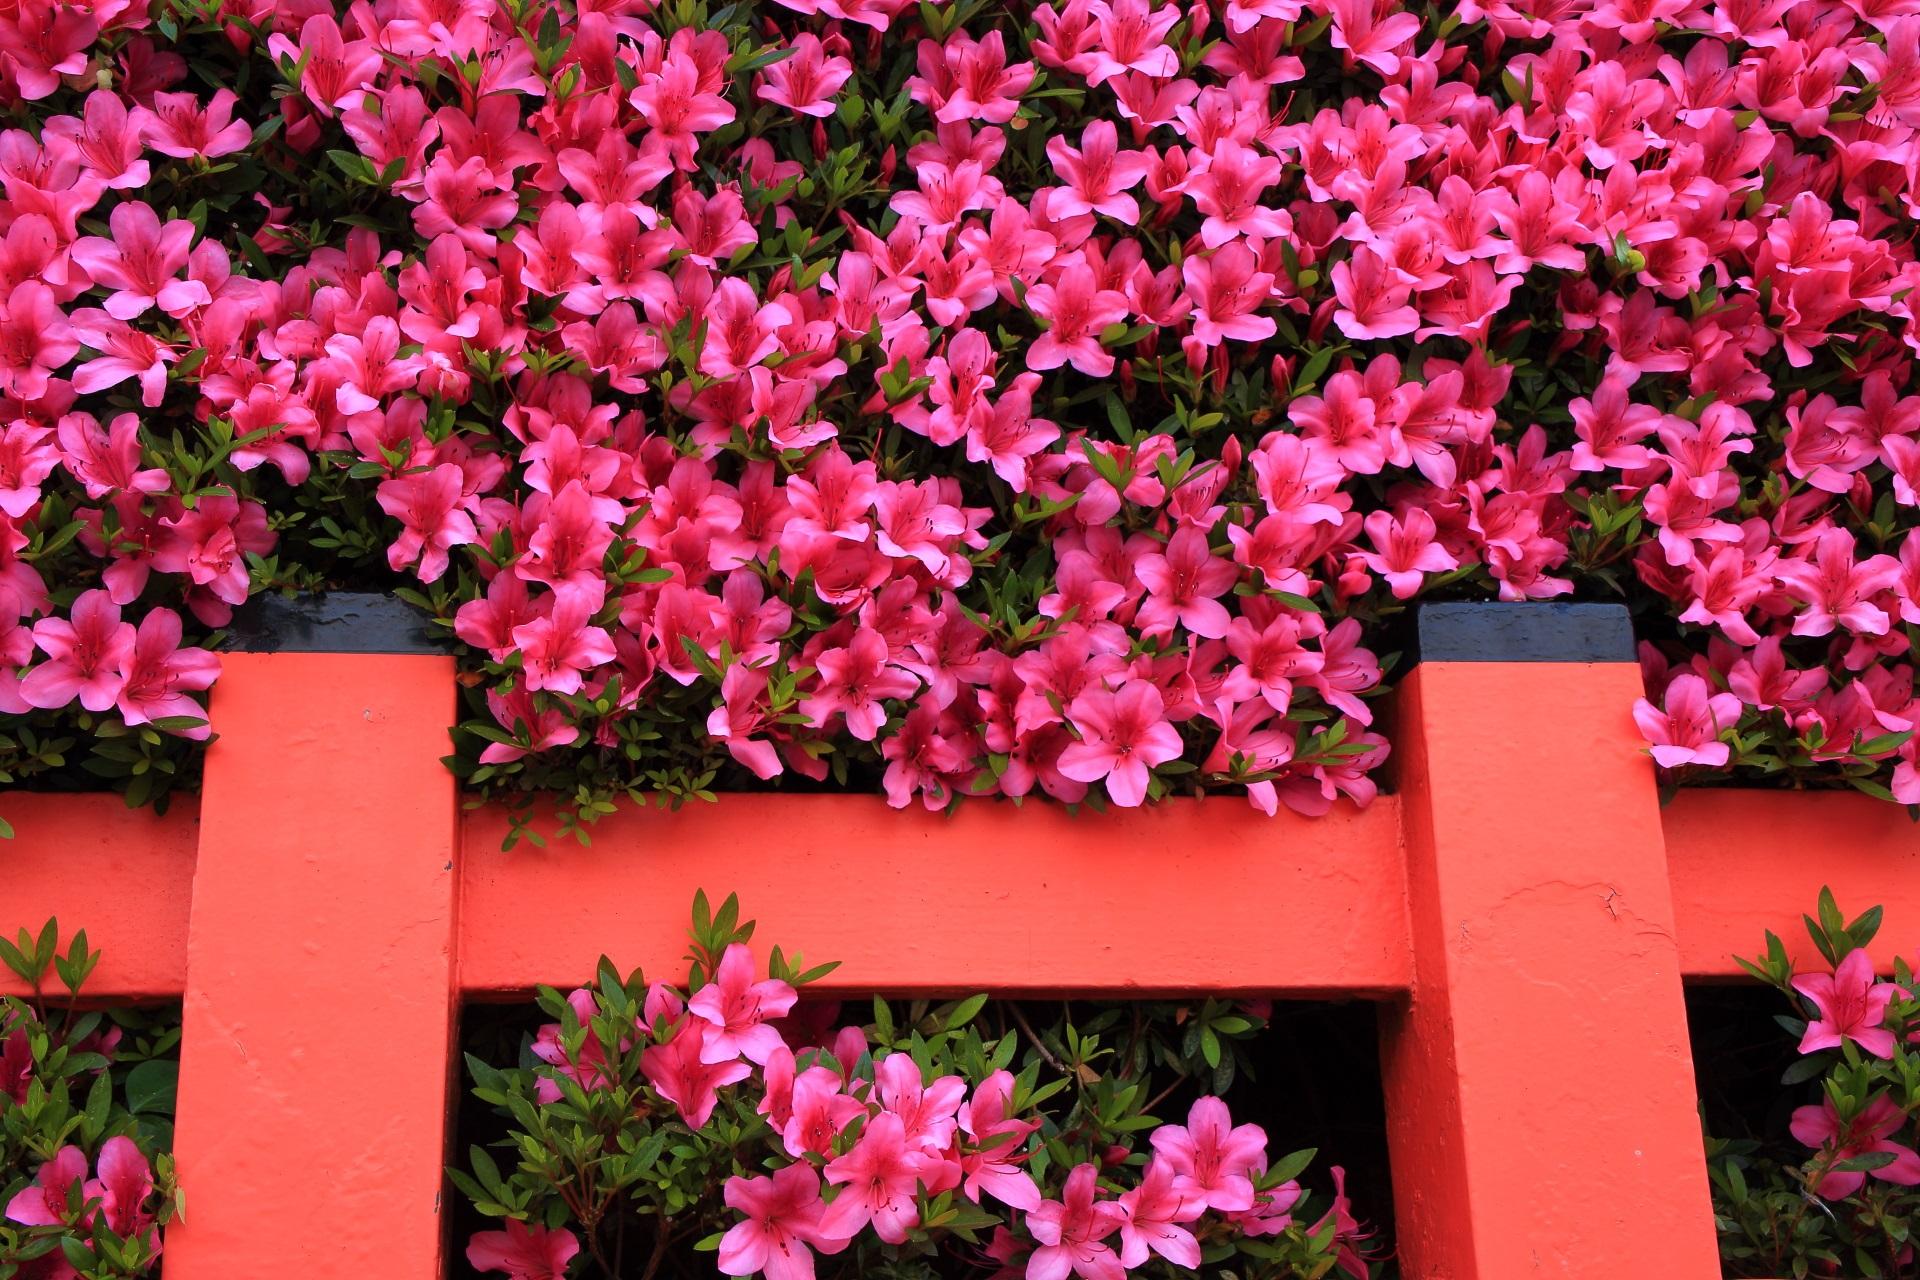 朱色の柵が演出するサツキの花